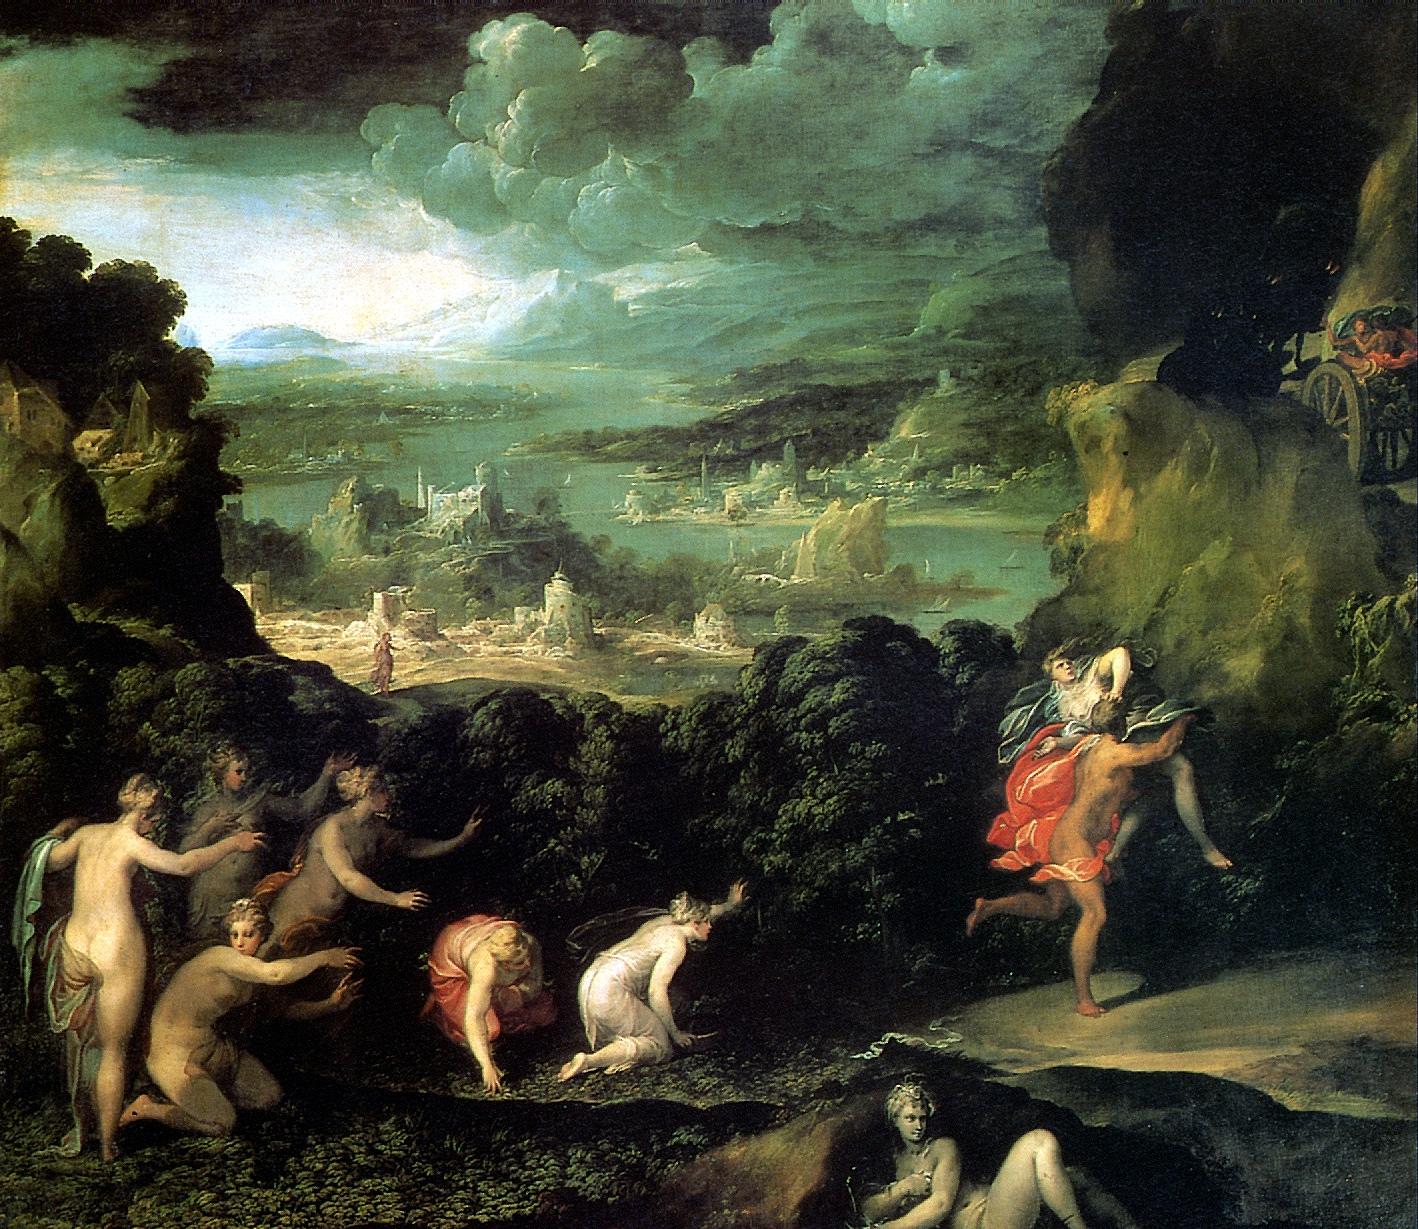 Похищение Прозерпины - Никколо дель Аббате - итальянская живопись 16 века - Разное фото